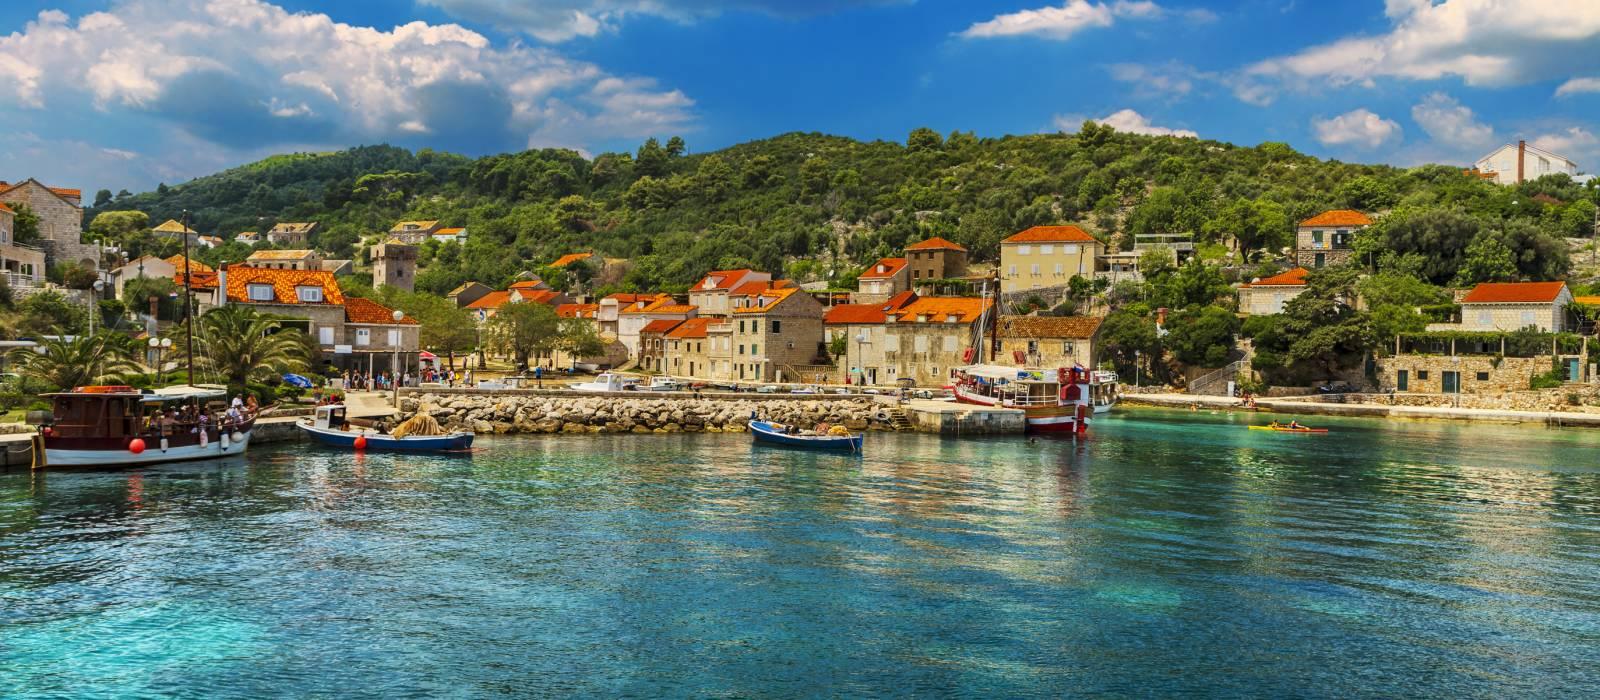 Insel Elaphiti, Dalmatien, Kroatien